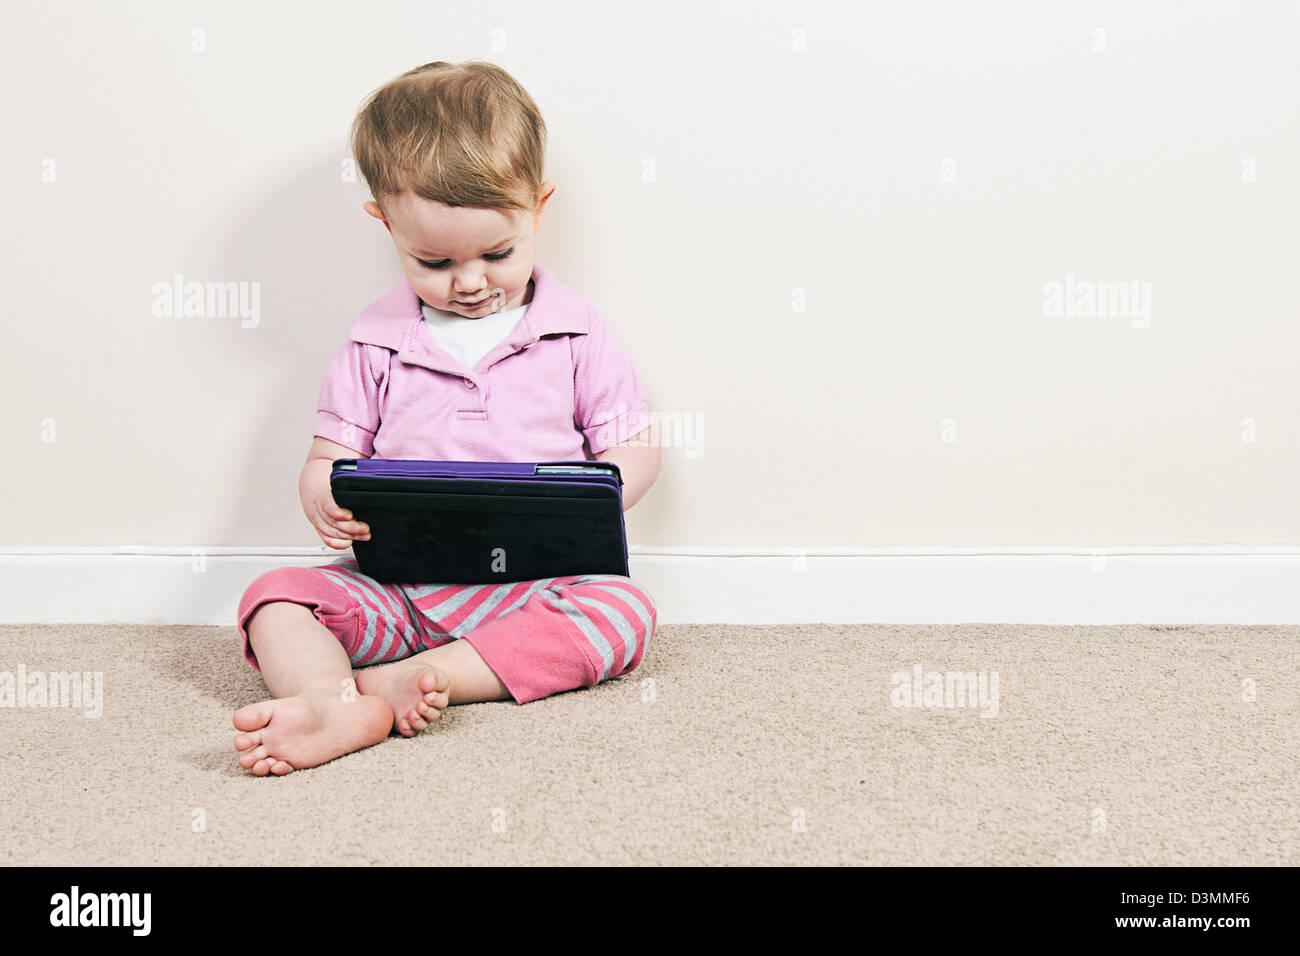 Baby Girl on iPad Mini - Stock Image